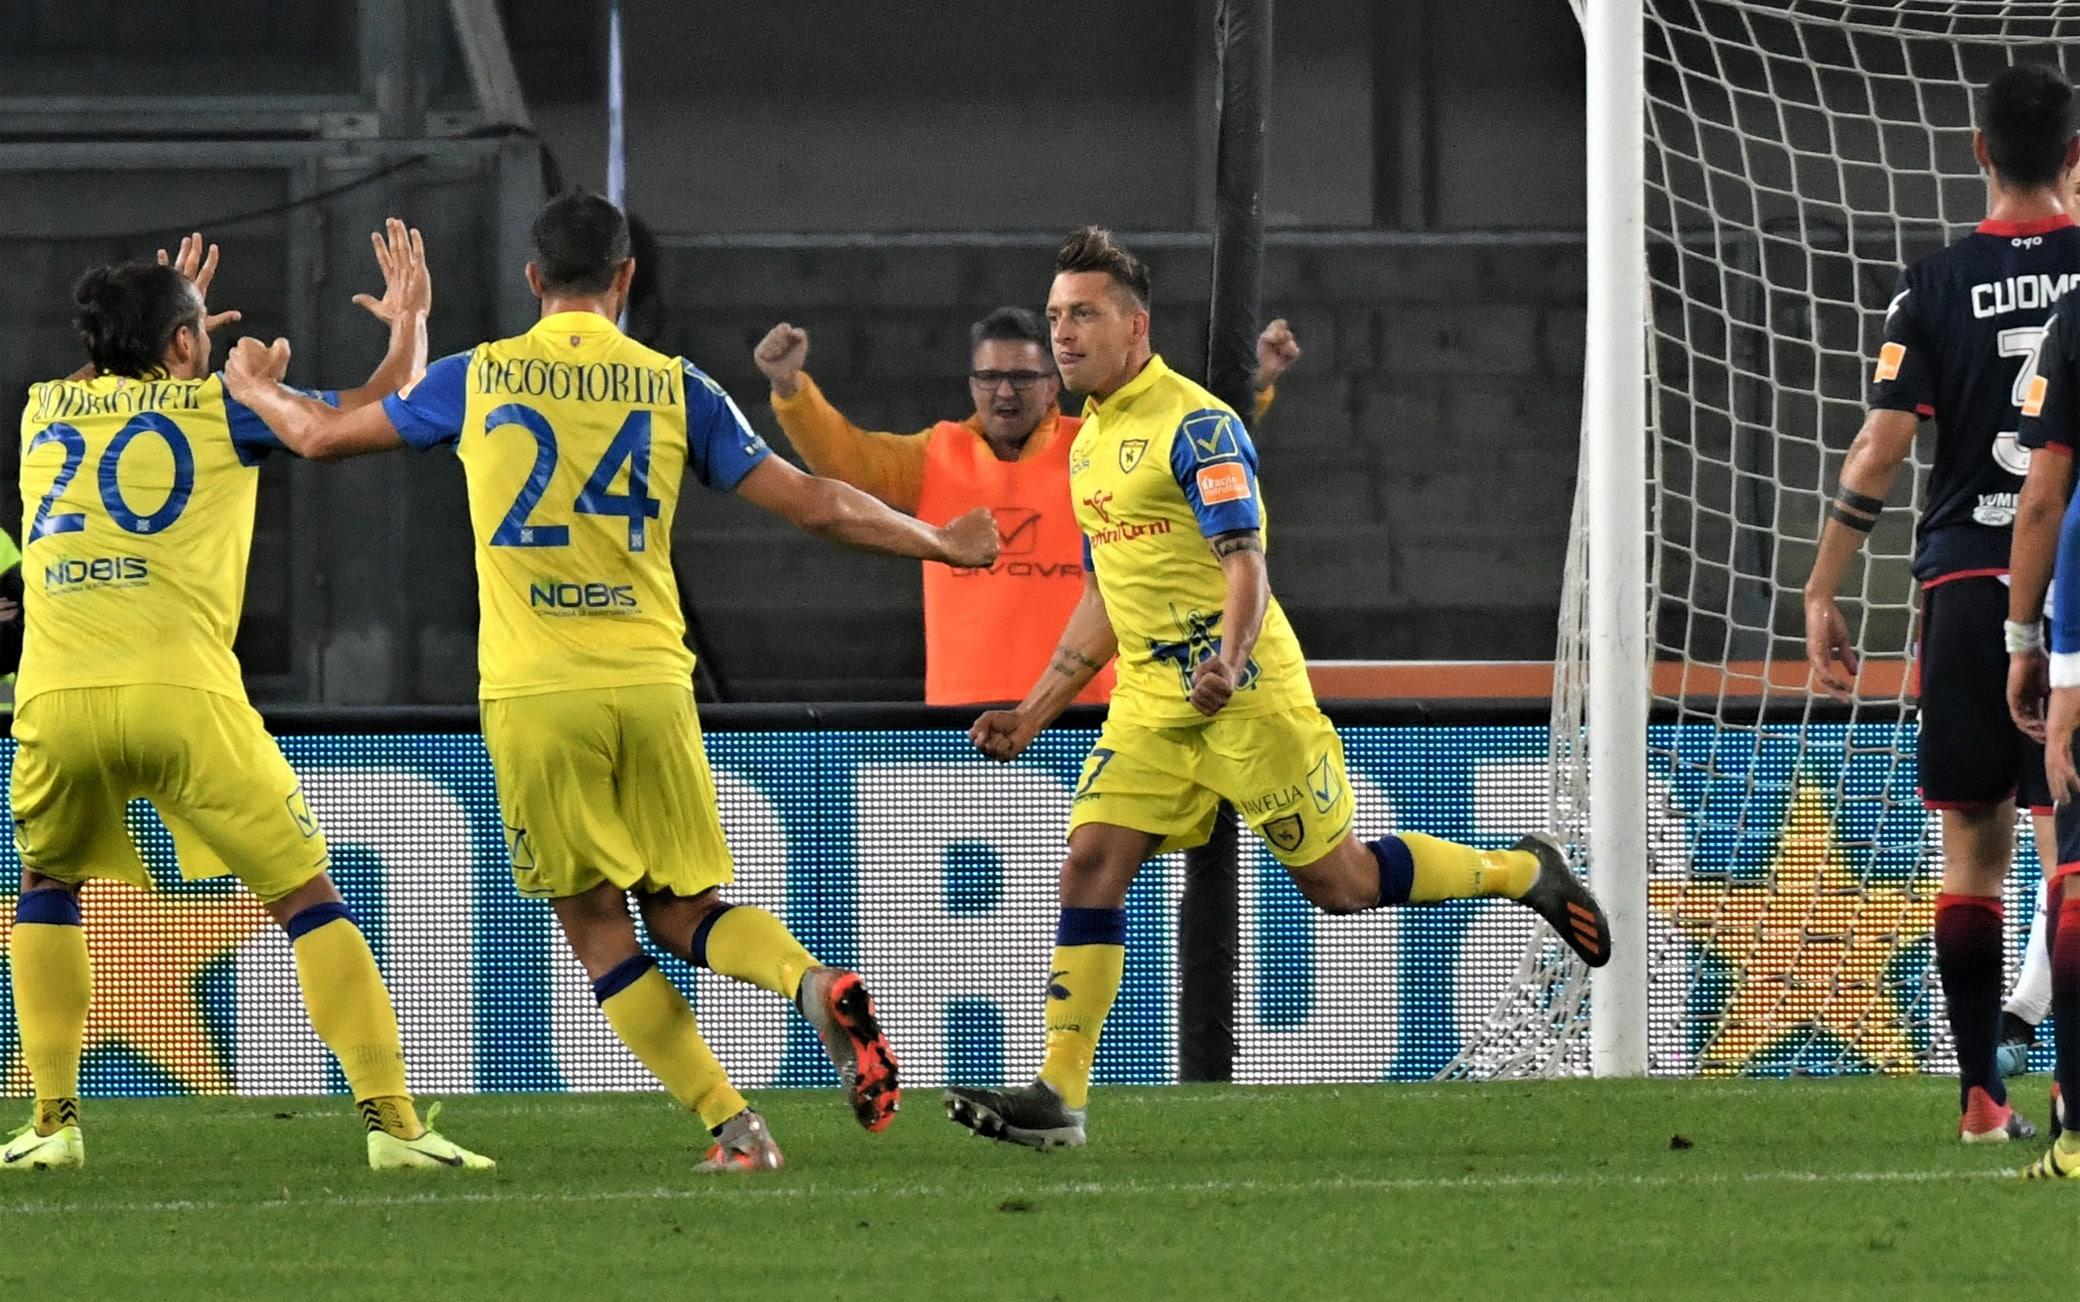 Risultati Serie B, la diretta LIVE delle partite della 10^ giornata